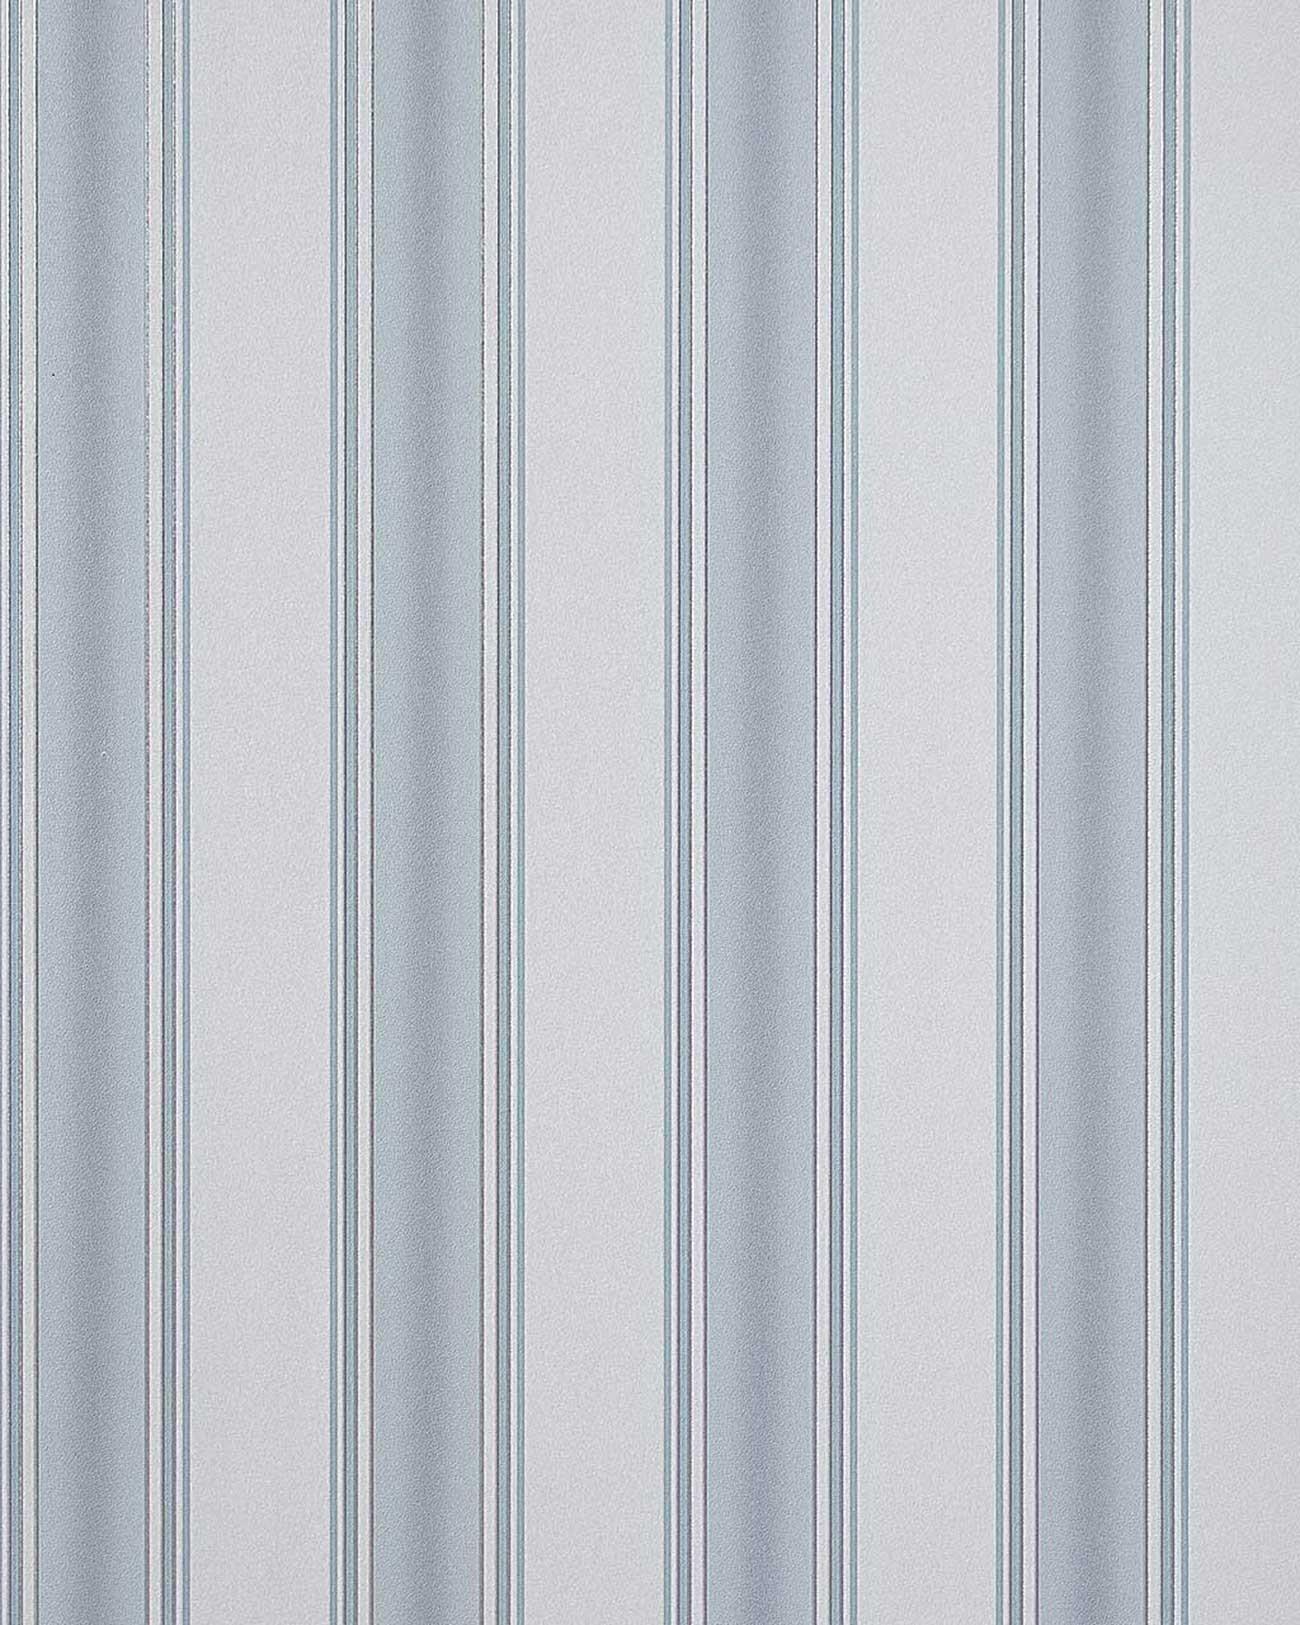 Heavyweight Stripe Wallpaper Wall Edem 827 27 Wallcover Deep